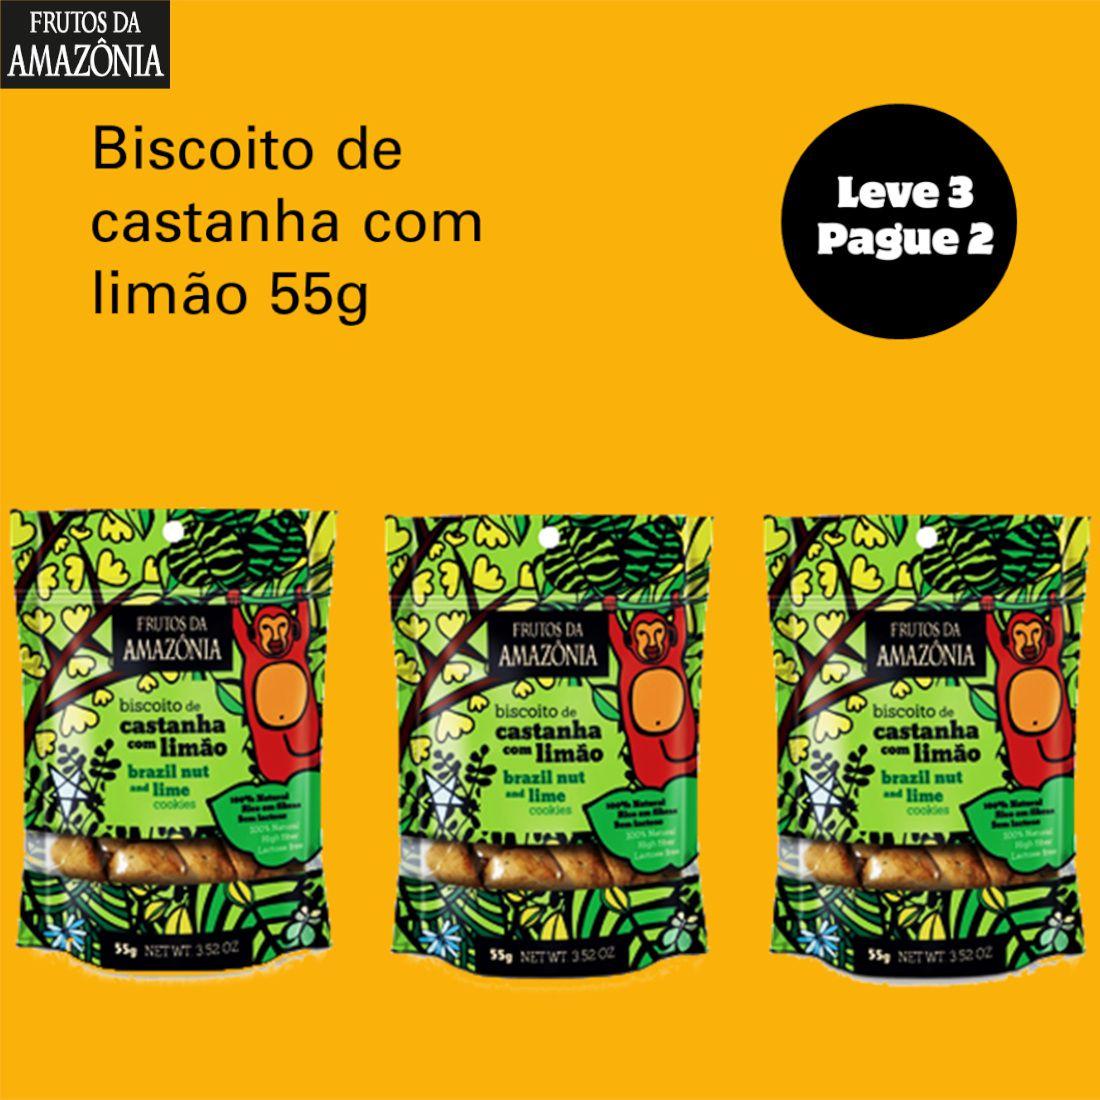 Leve 3 Pague 2 Biscoito de Castanha com Limão - 55g  - Frutos da Amazônia